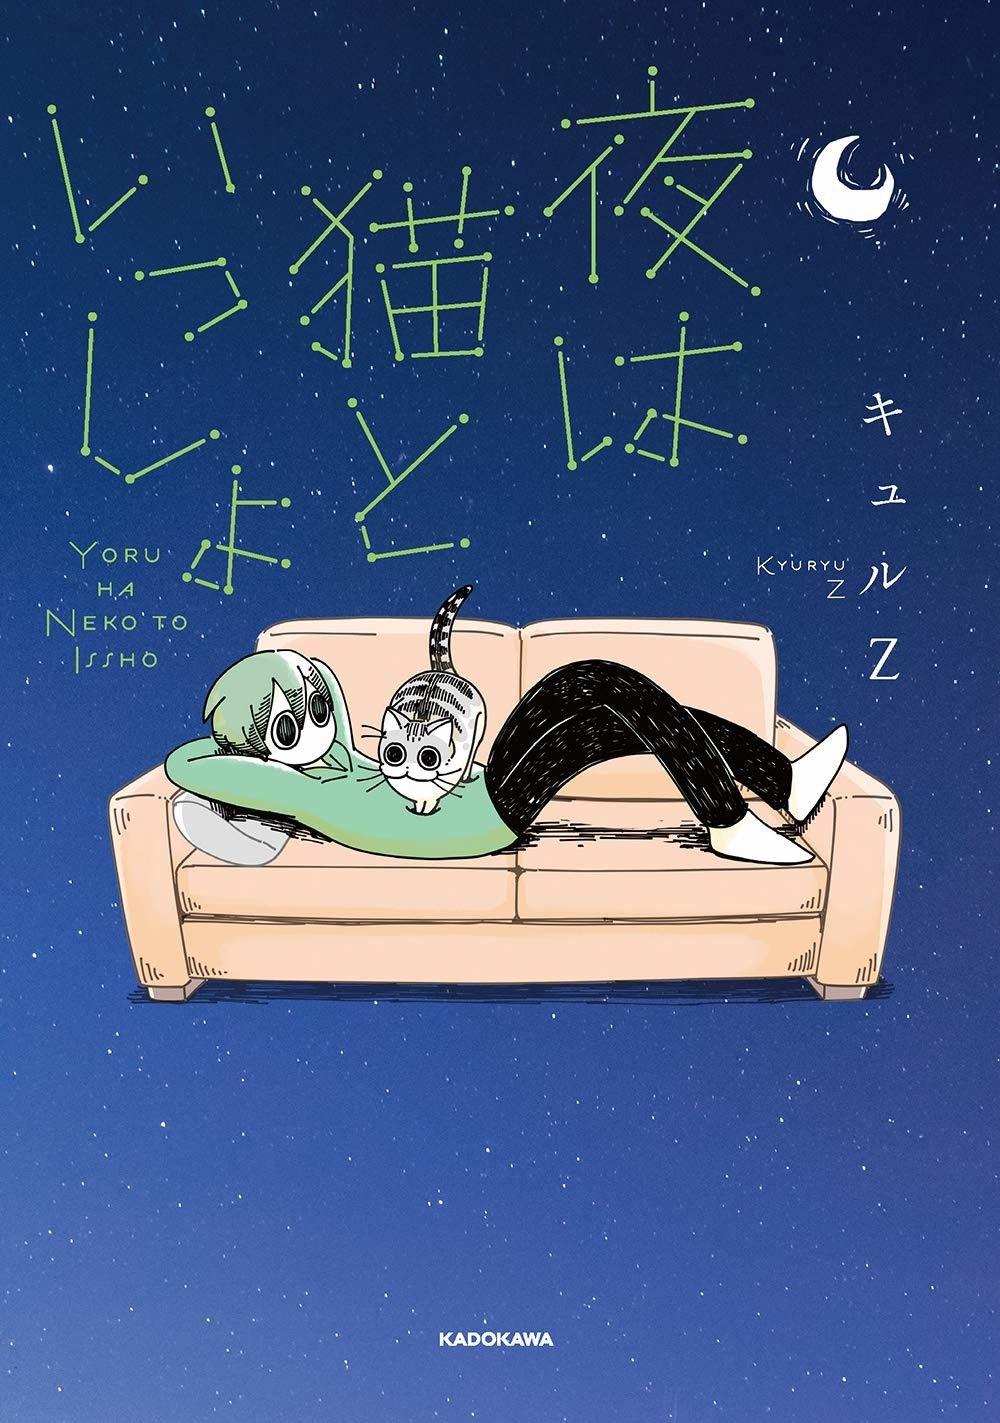 疲れた夜のお供に最適 話題の猫マンガ 夜は猫といっしょ がついに書籍化 ねこナビ 猫 漫画 猫 書籍